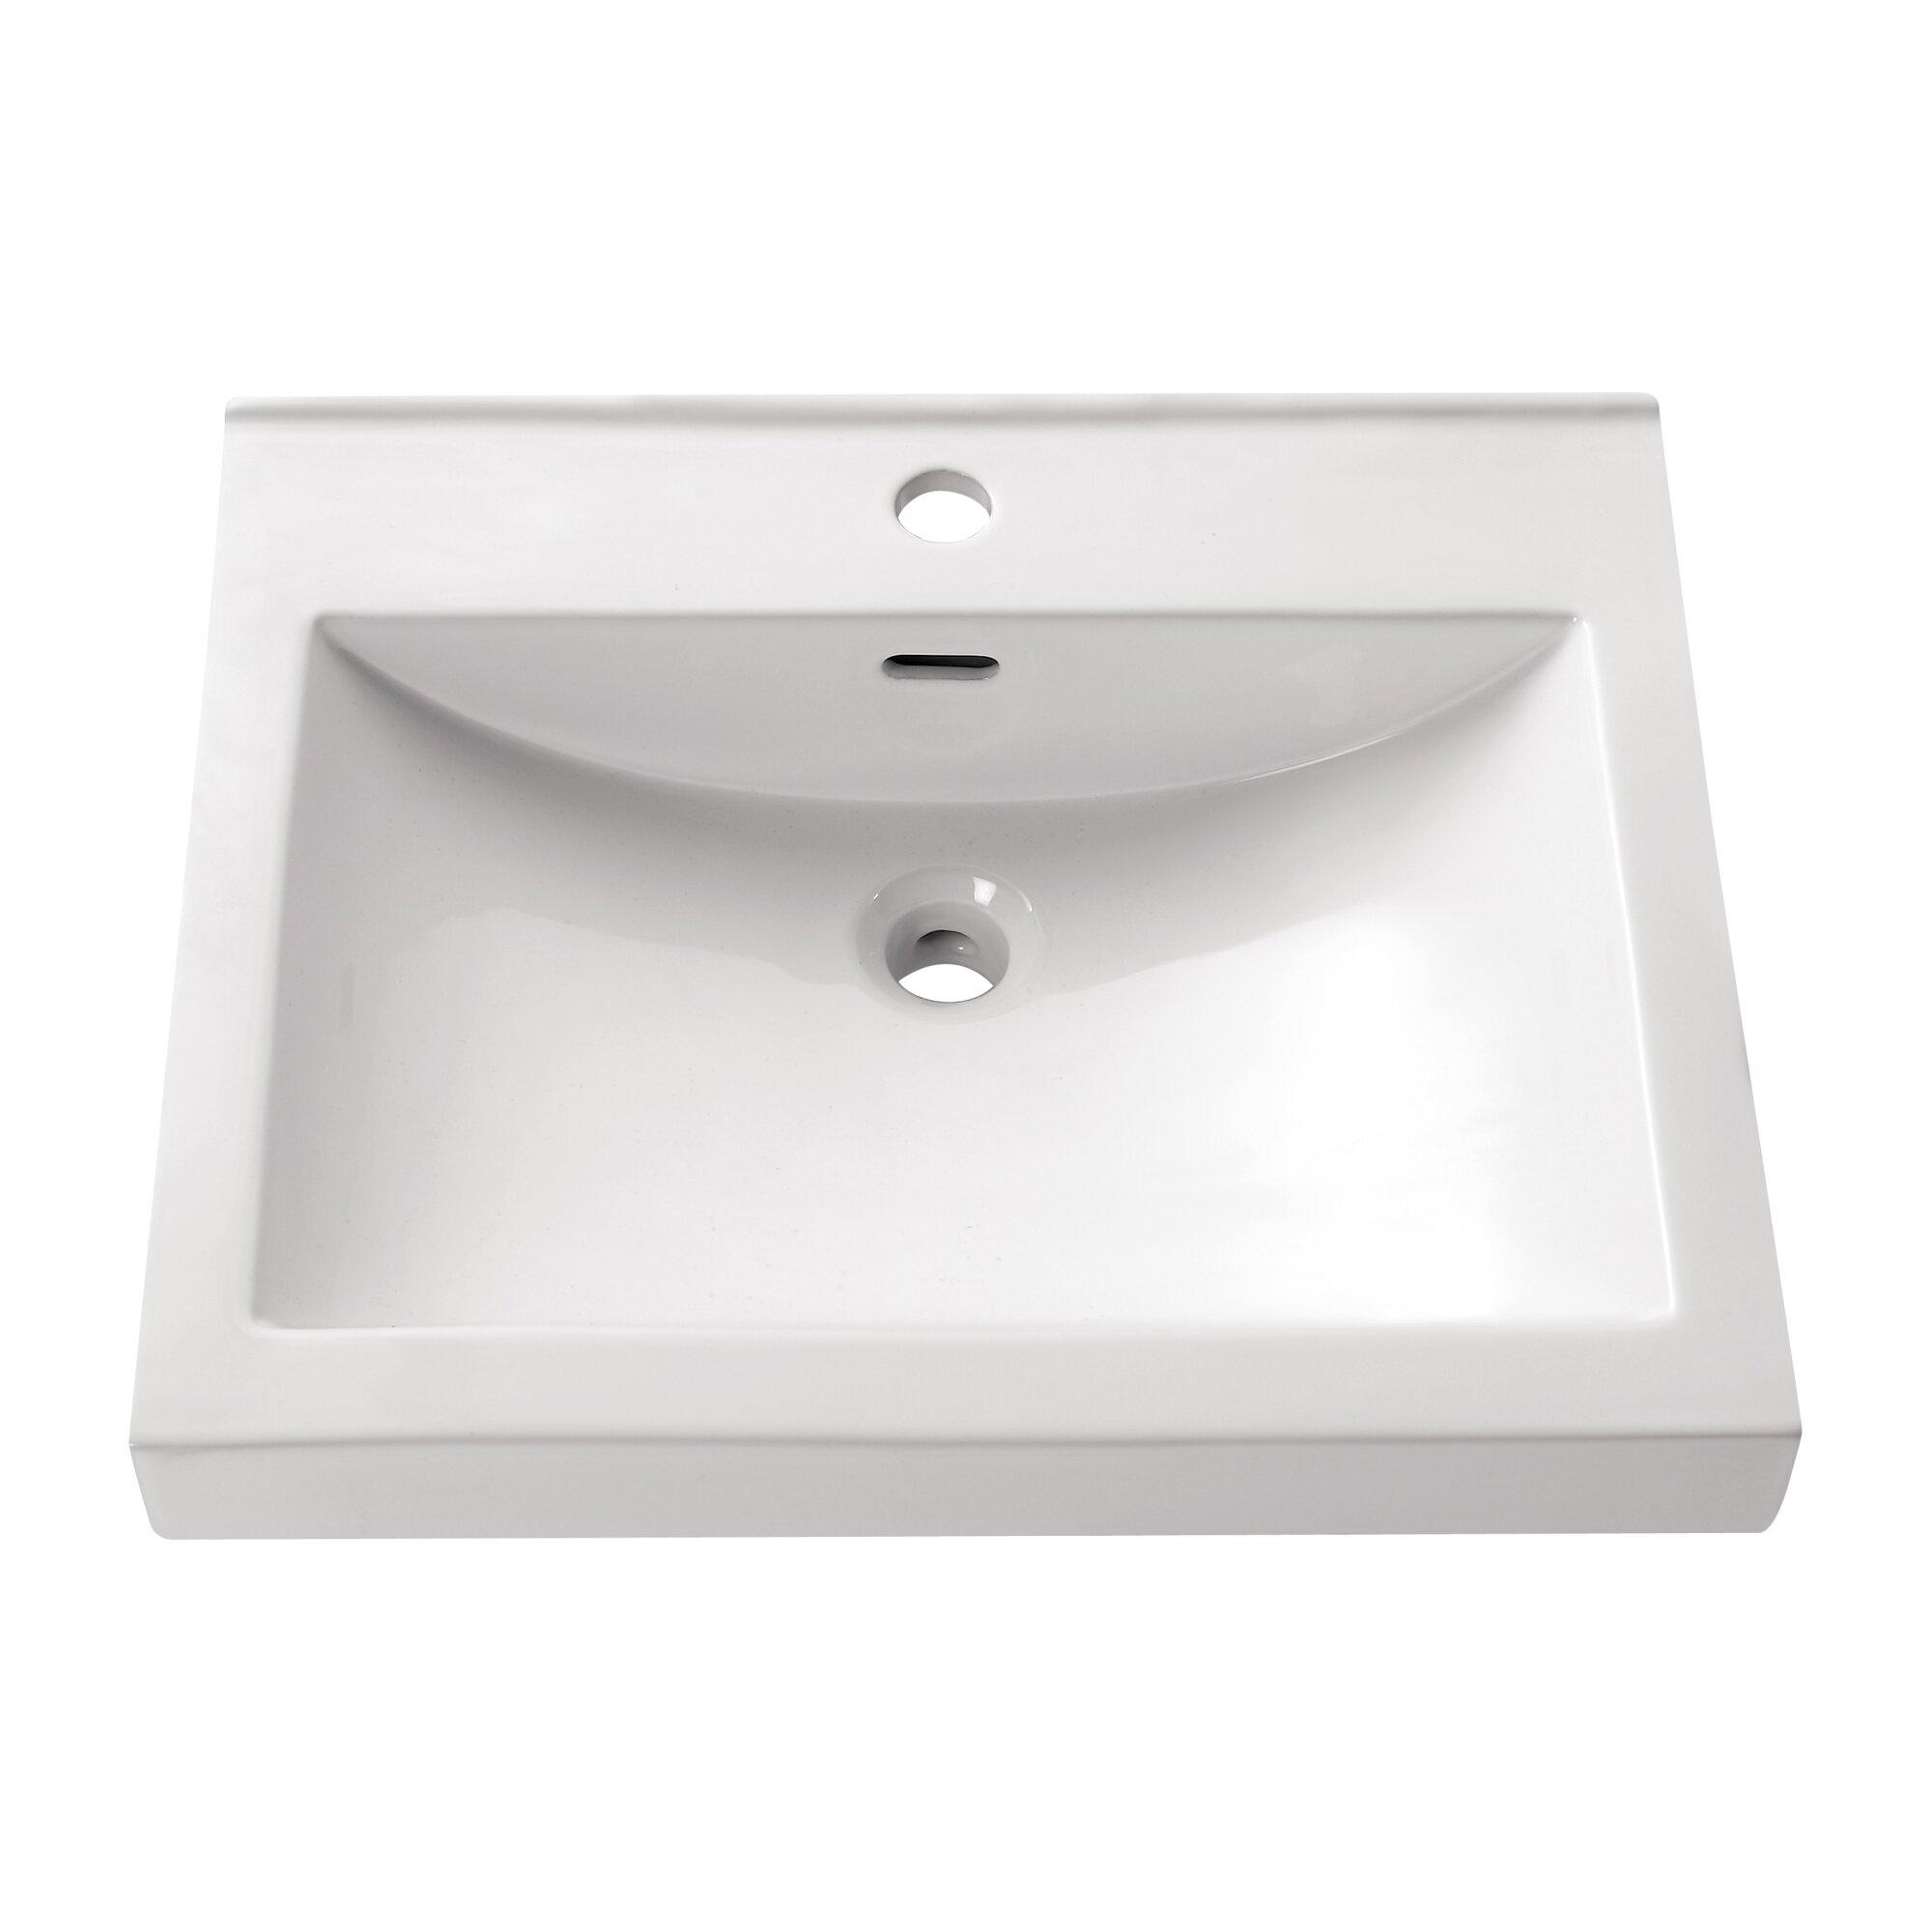 Bathroom Sinks Reviews semi recessed bathroom sink ~ dact